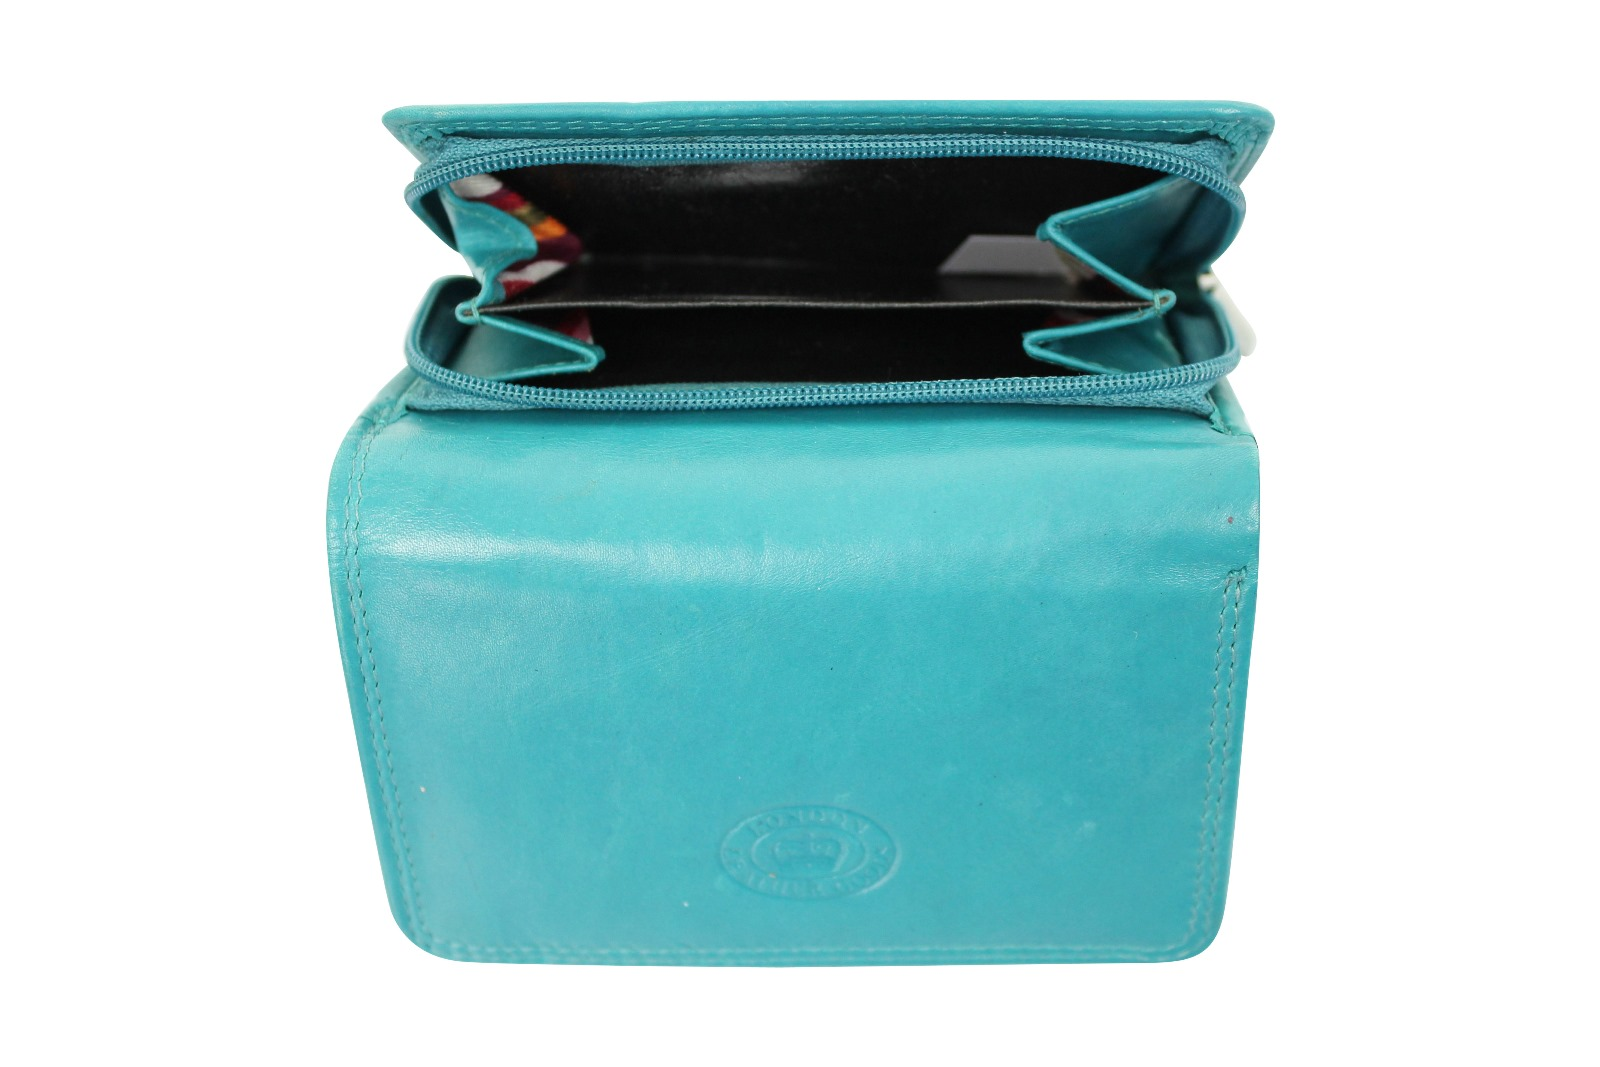 damen leder klein portmonee portemonnaie clutch tasche von london leather goods ebay. Black Bedroom Furniture Sets. Home Design Ideas